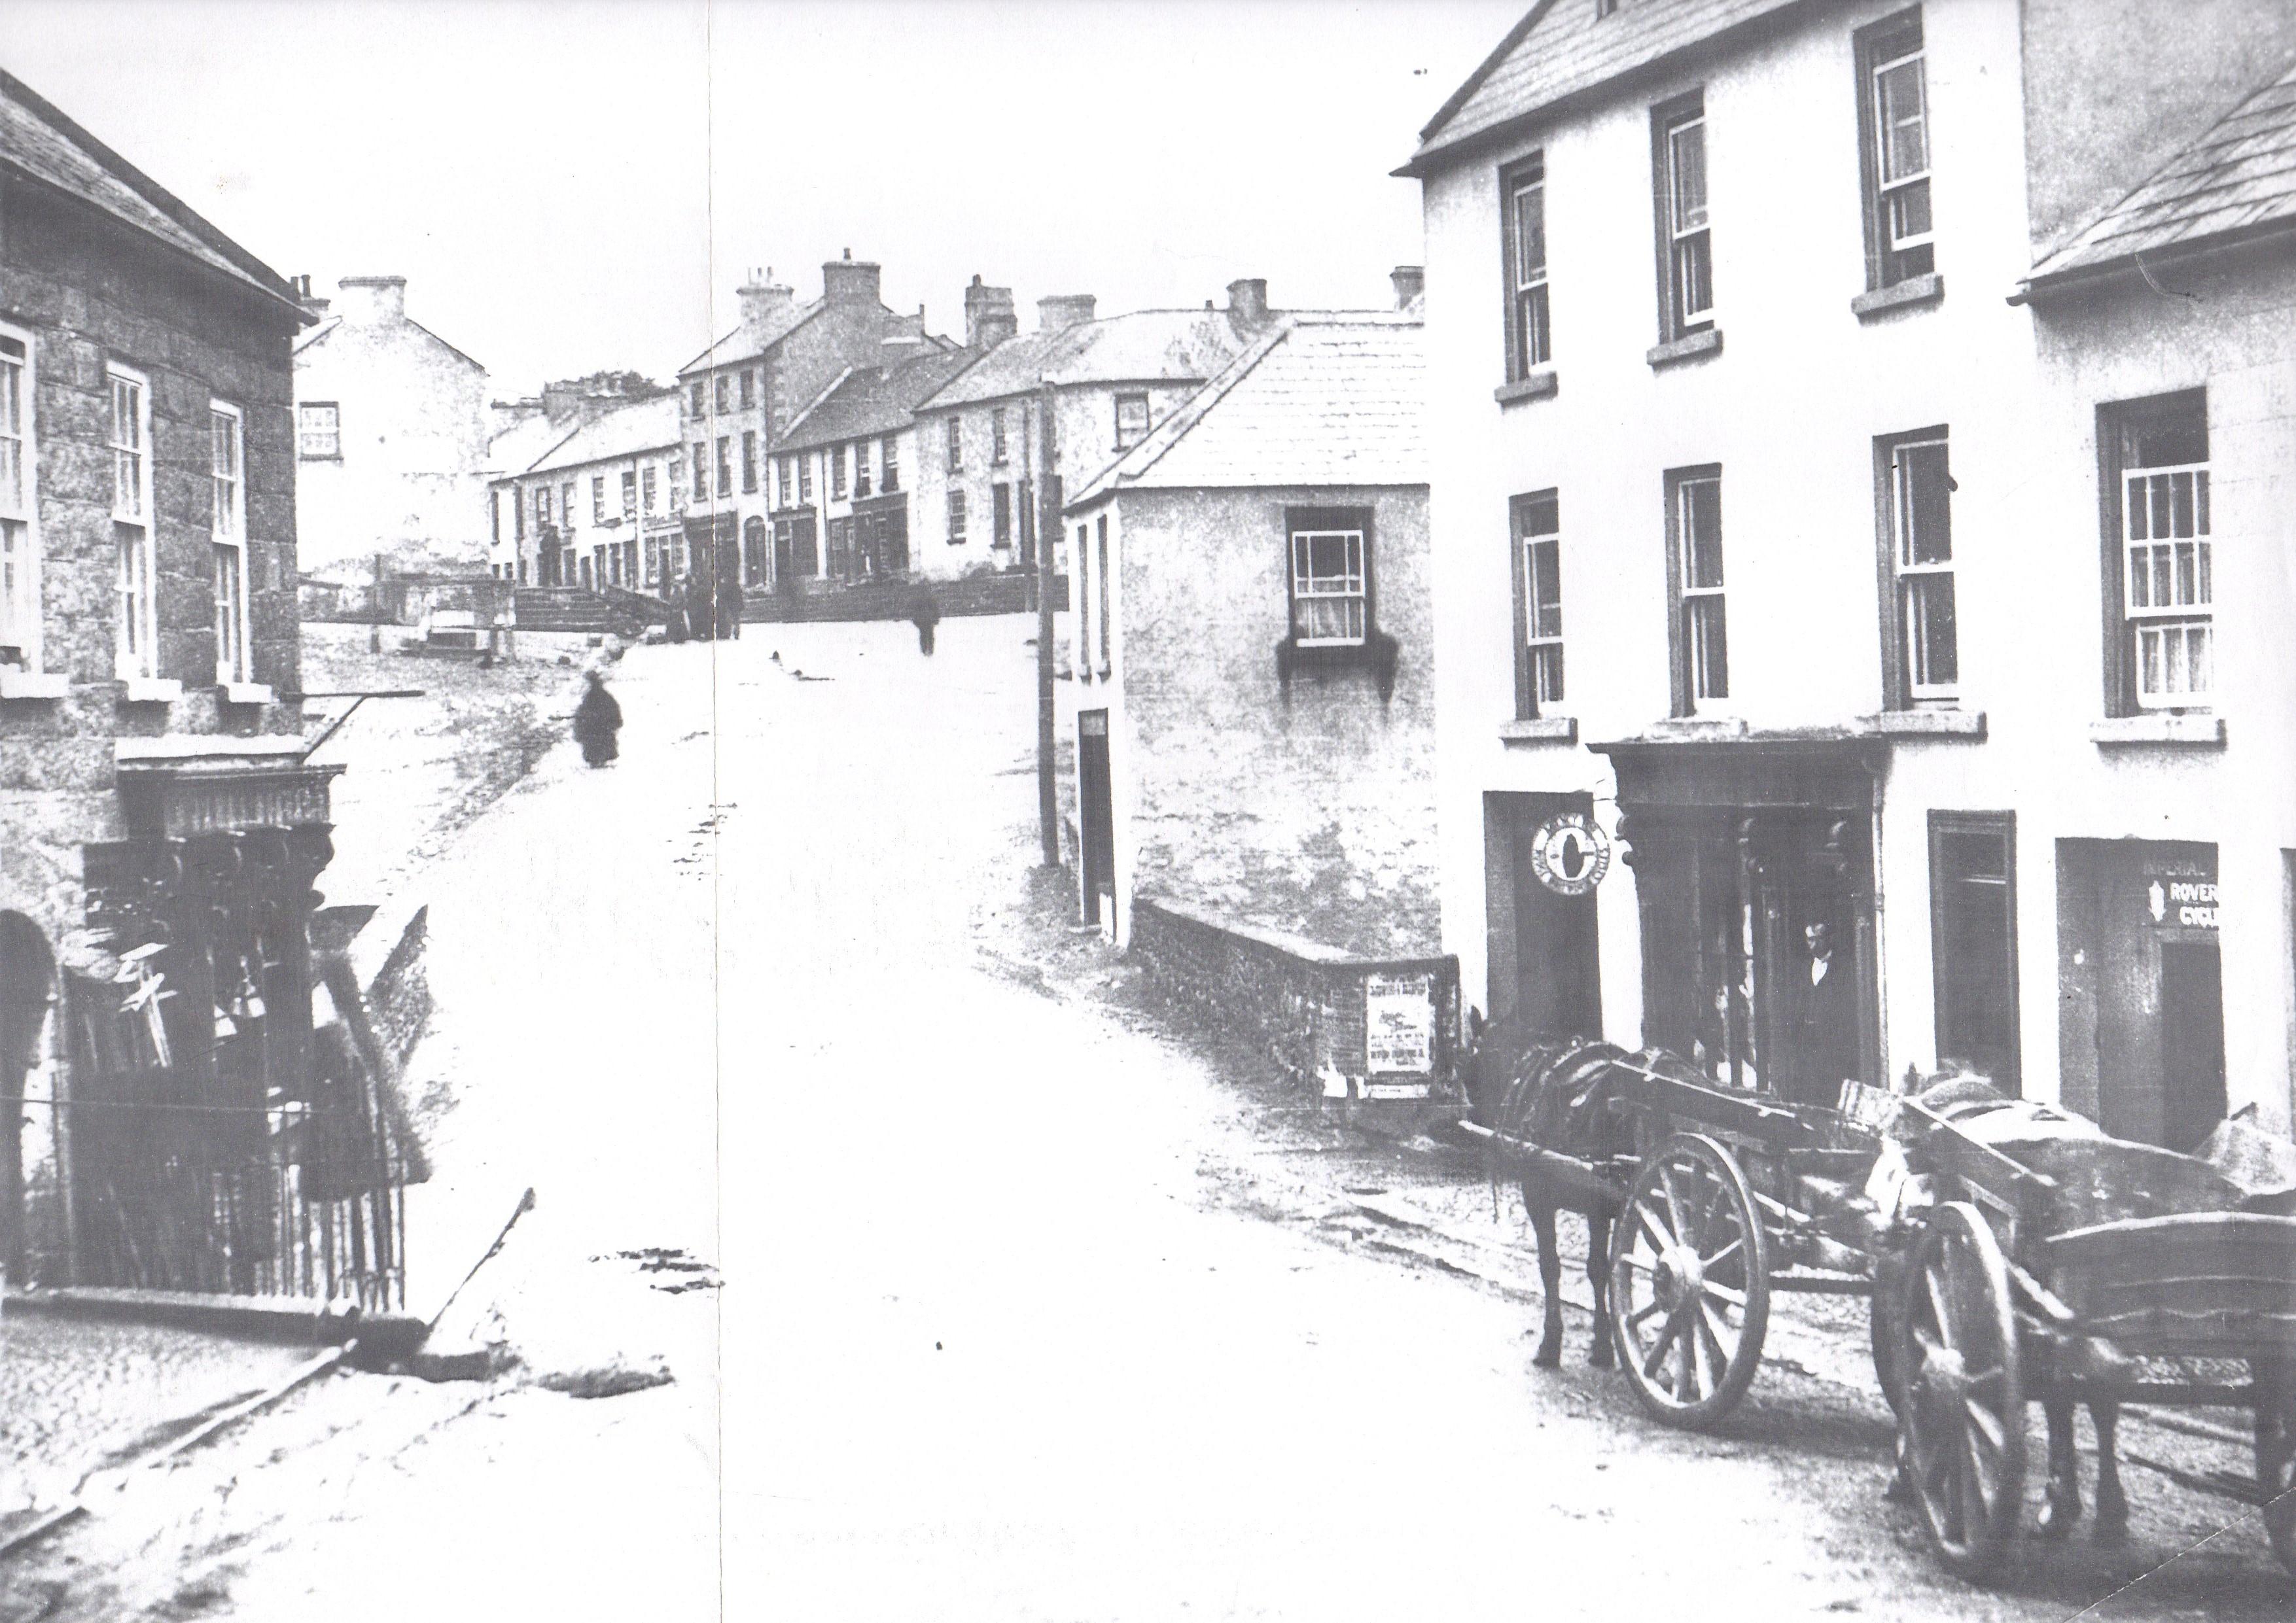 Kilkeel Town